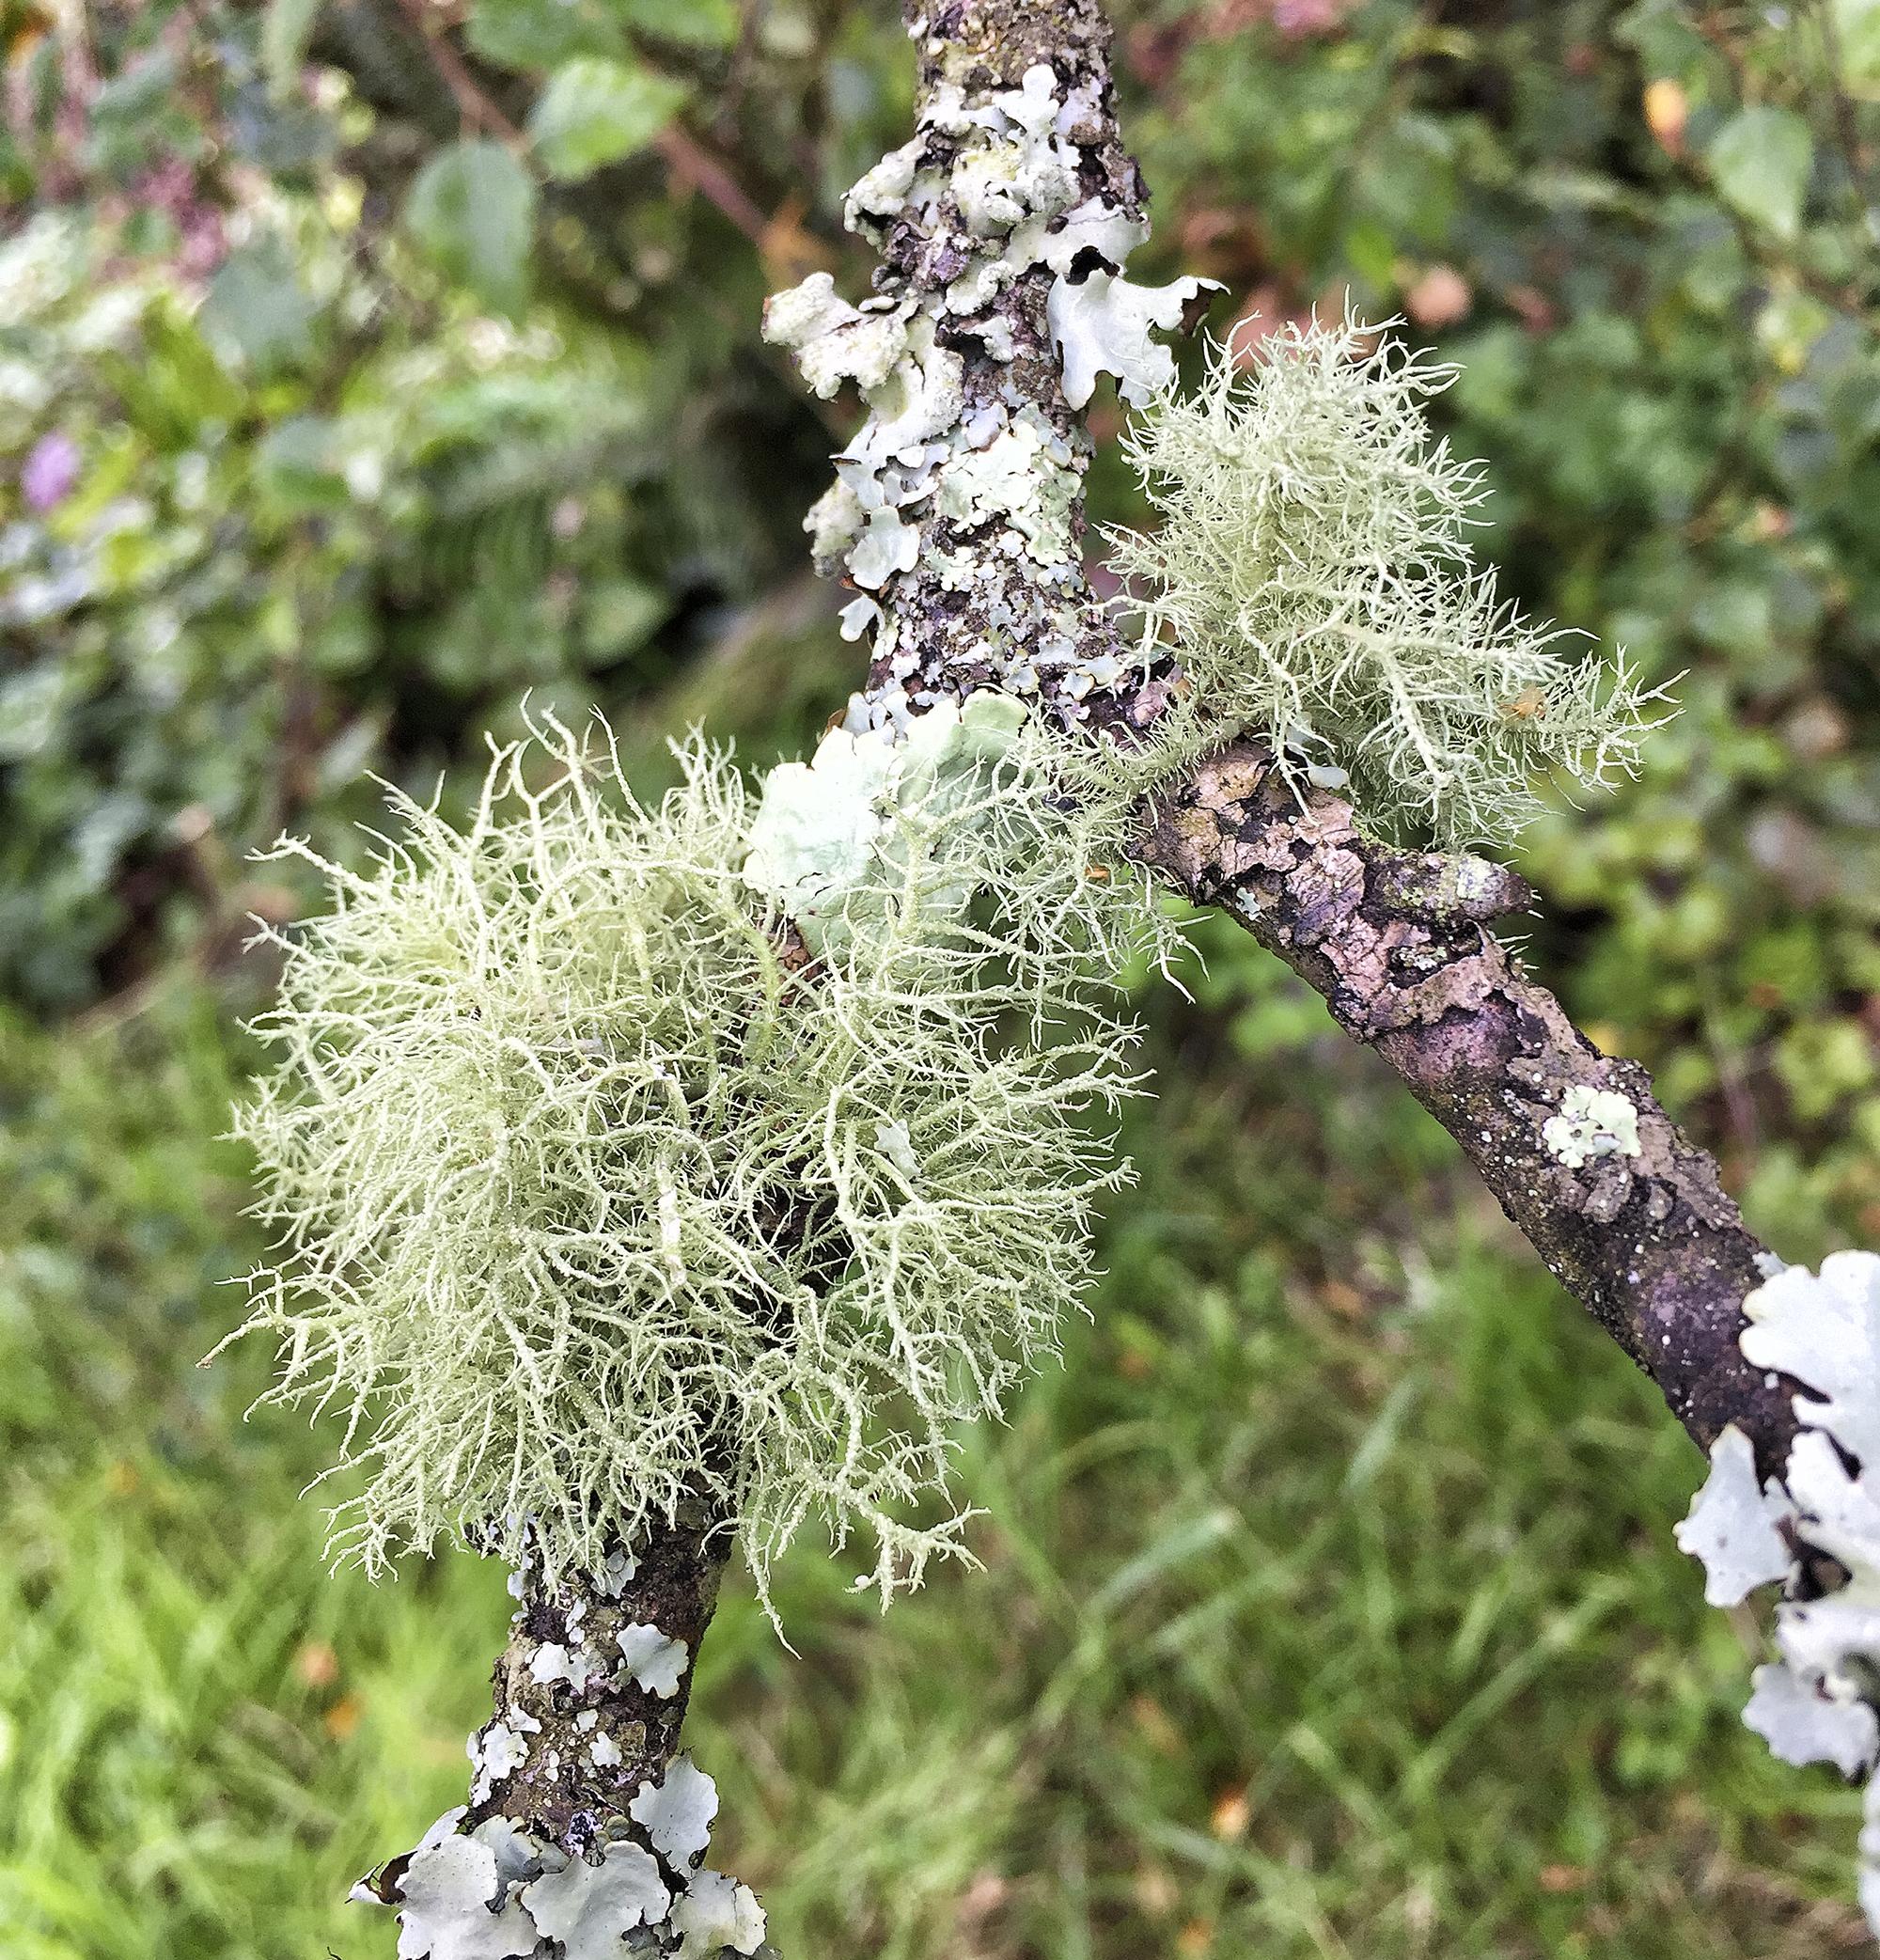 Hairy lichen and flat lichen